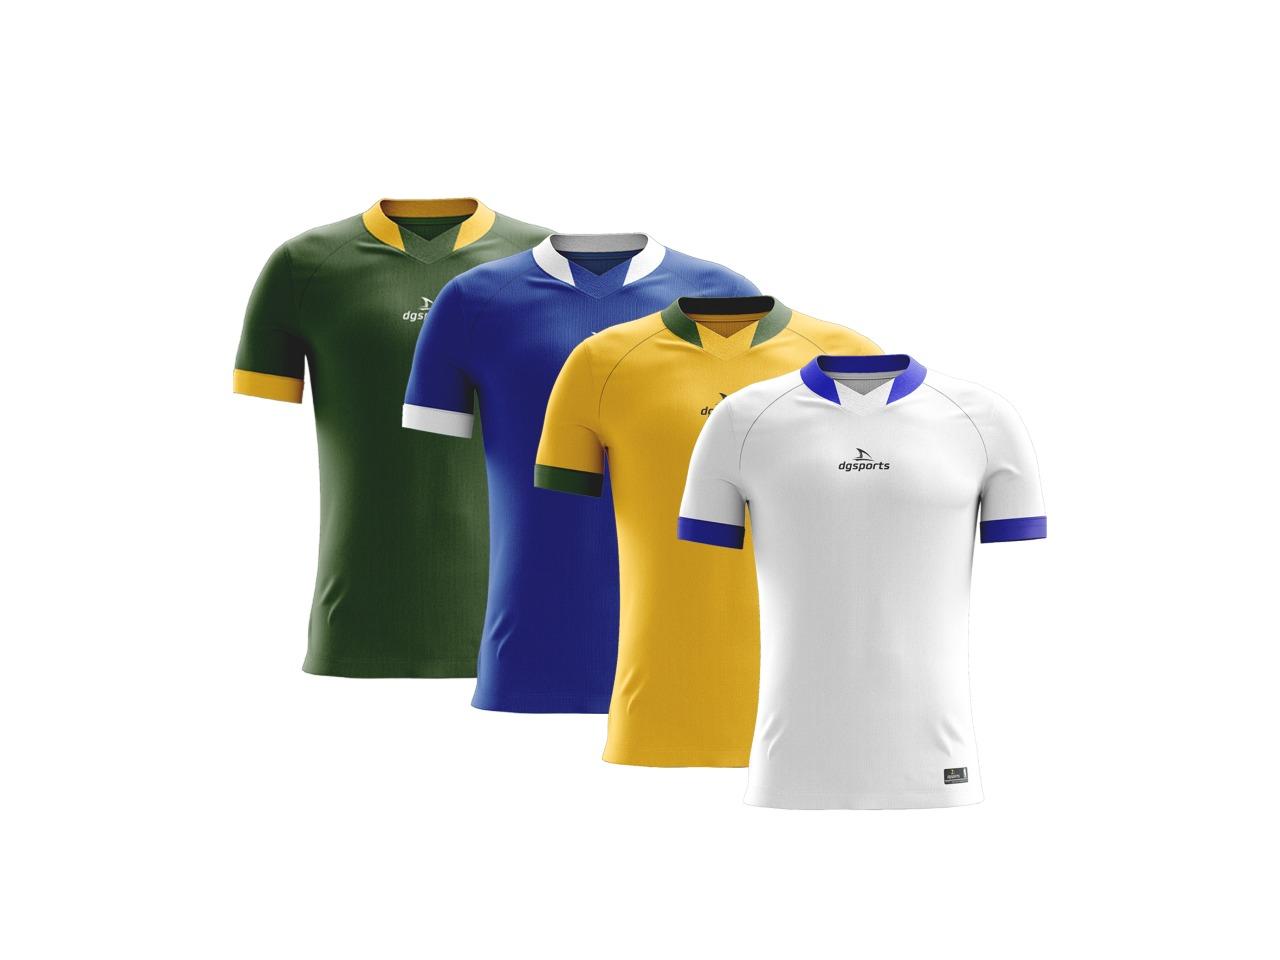 Kit Camisa t-shirt dg sports